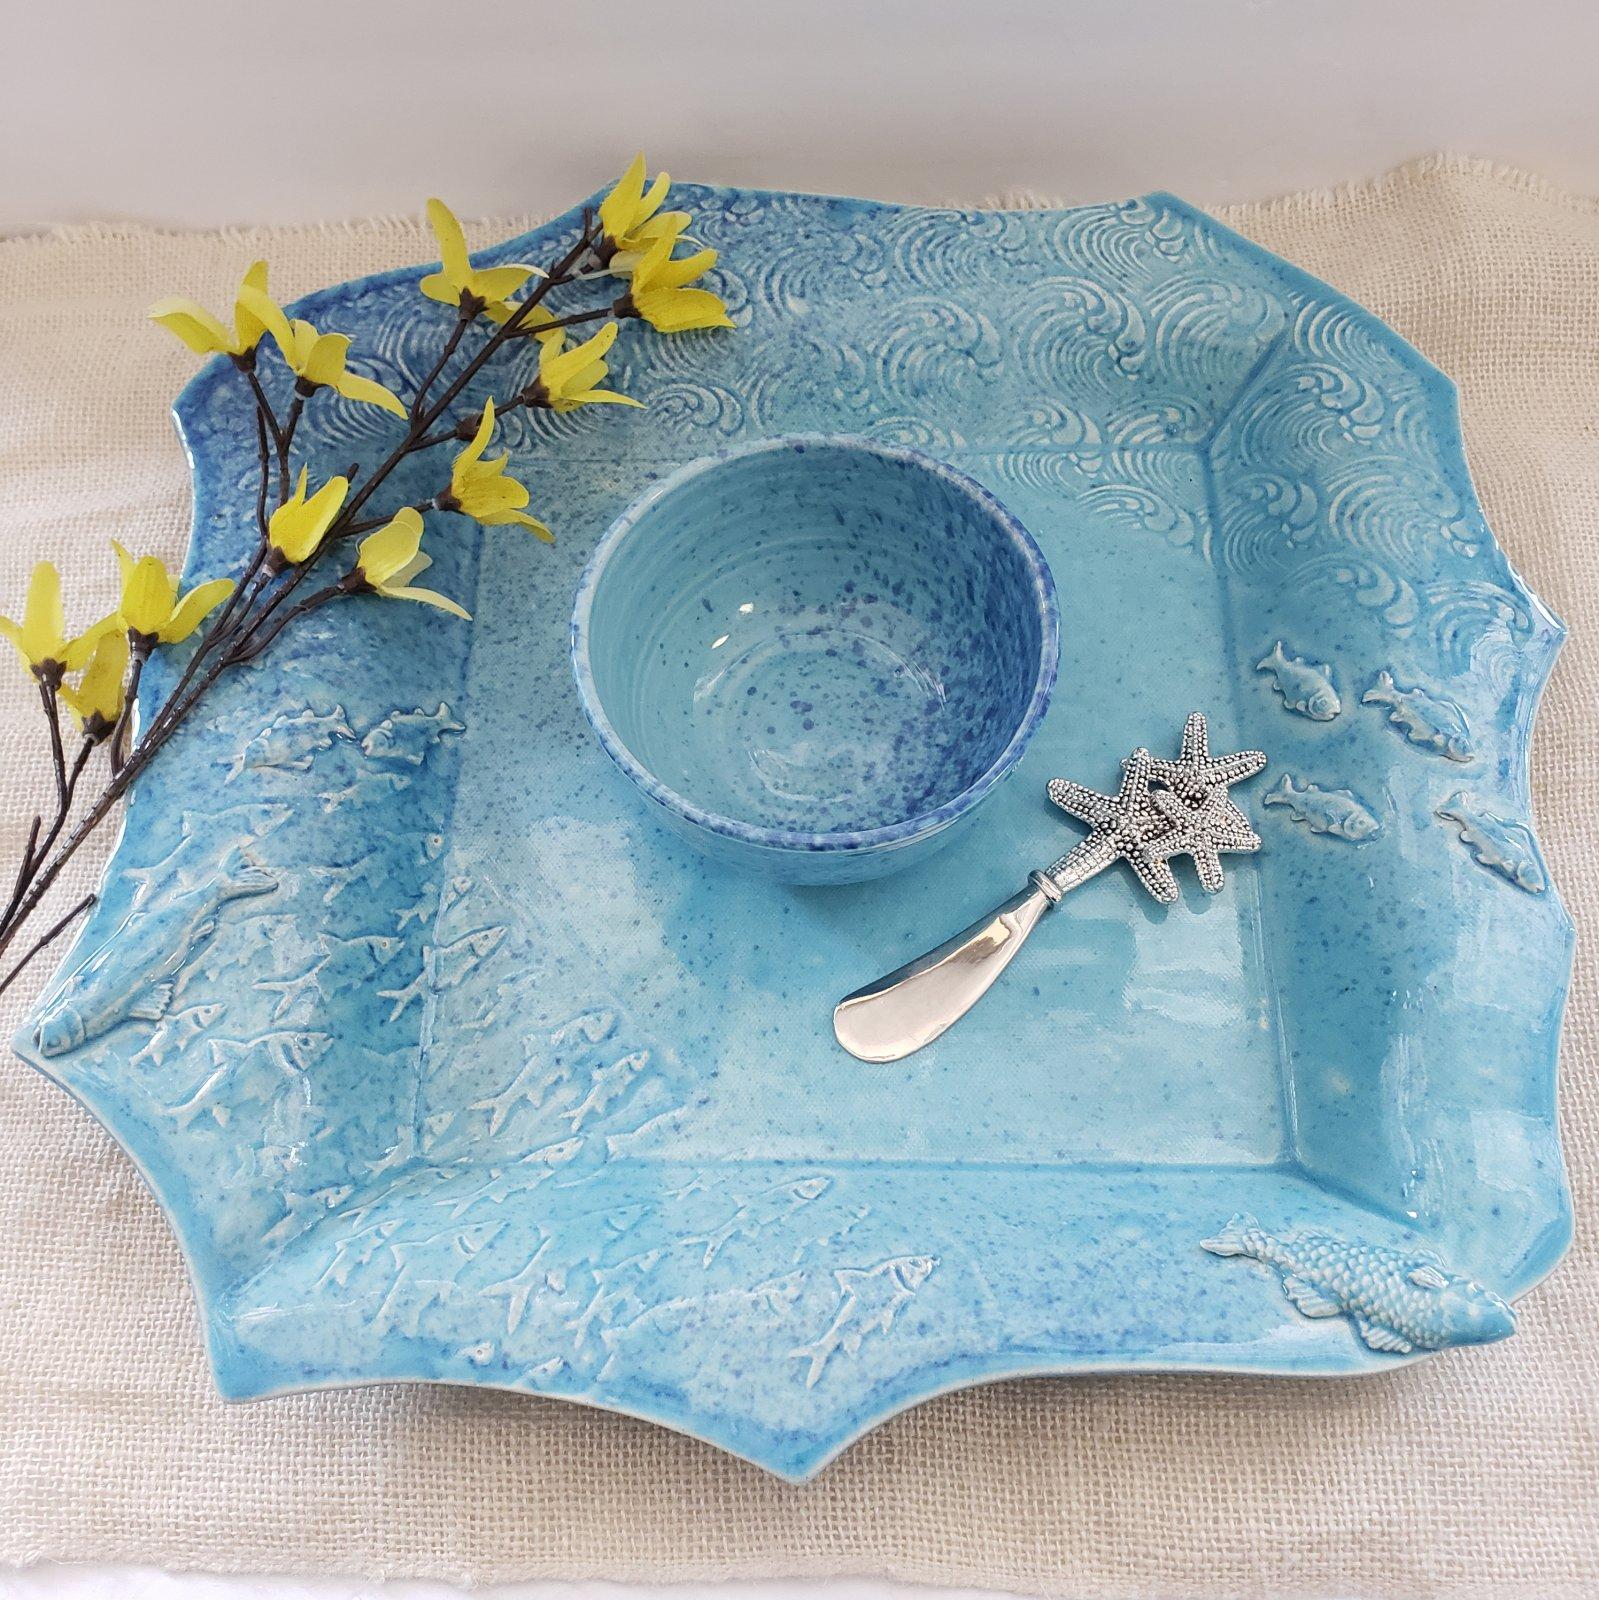 52-Large Square Platter